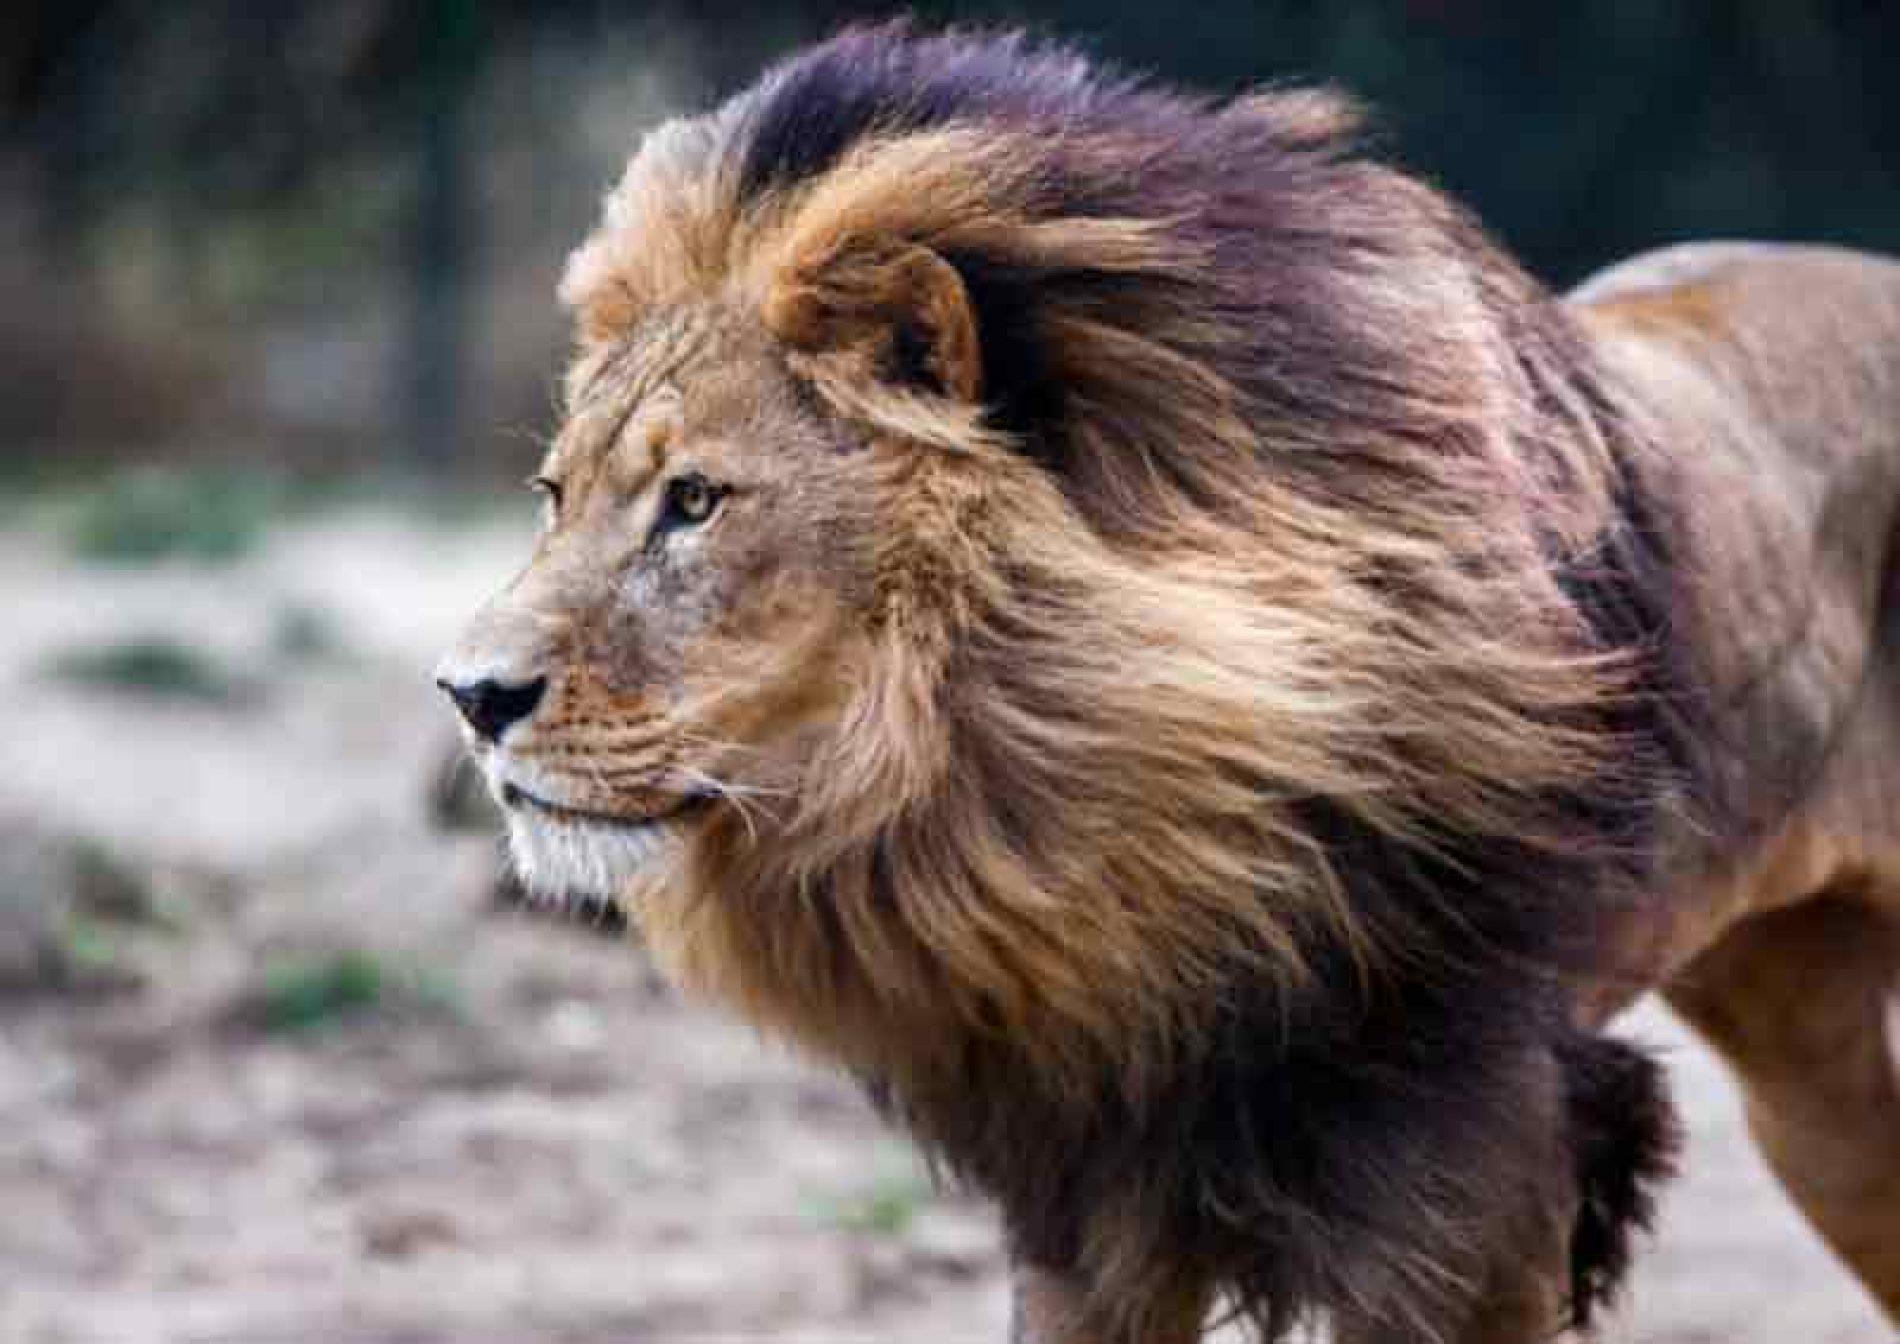 Universidades internacionales y gobiernos africanos defienden la caza